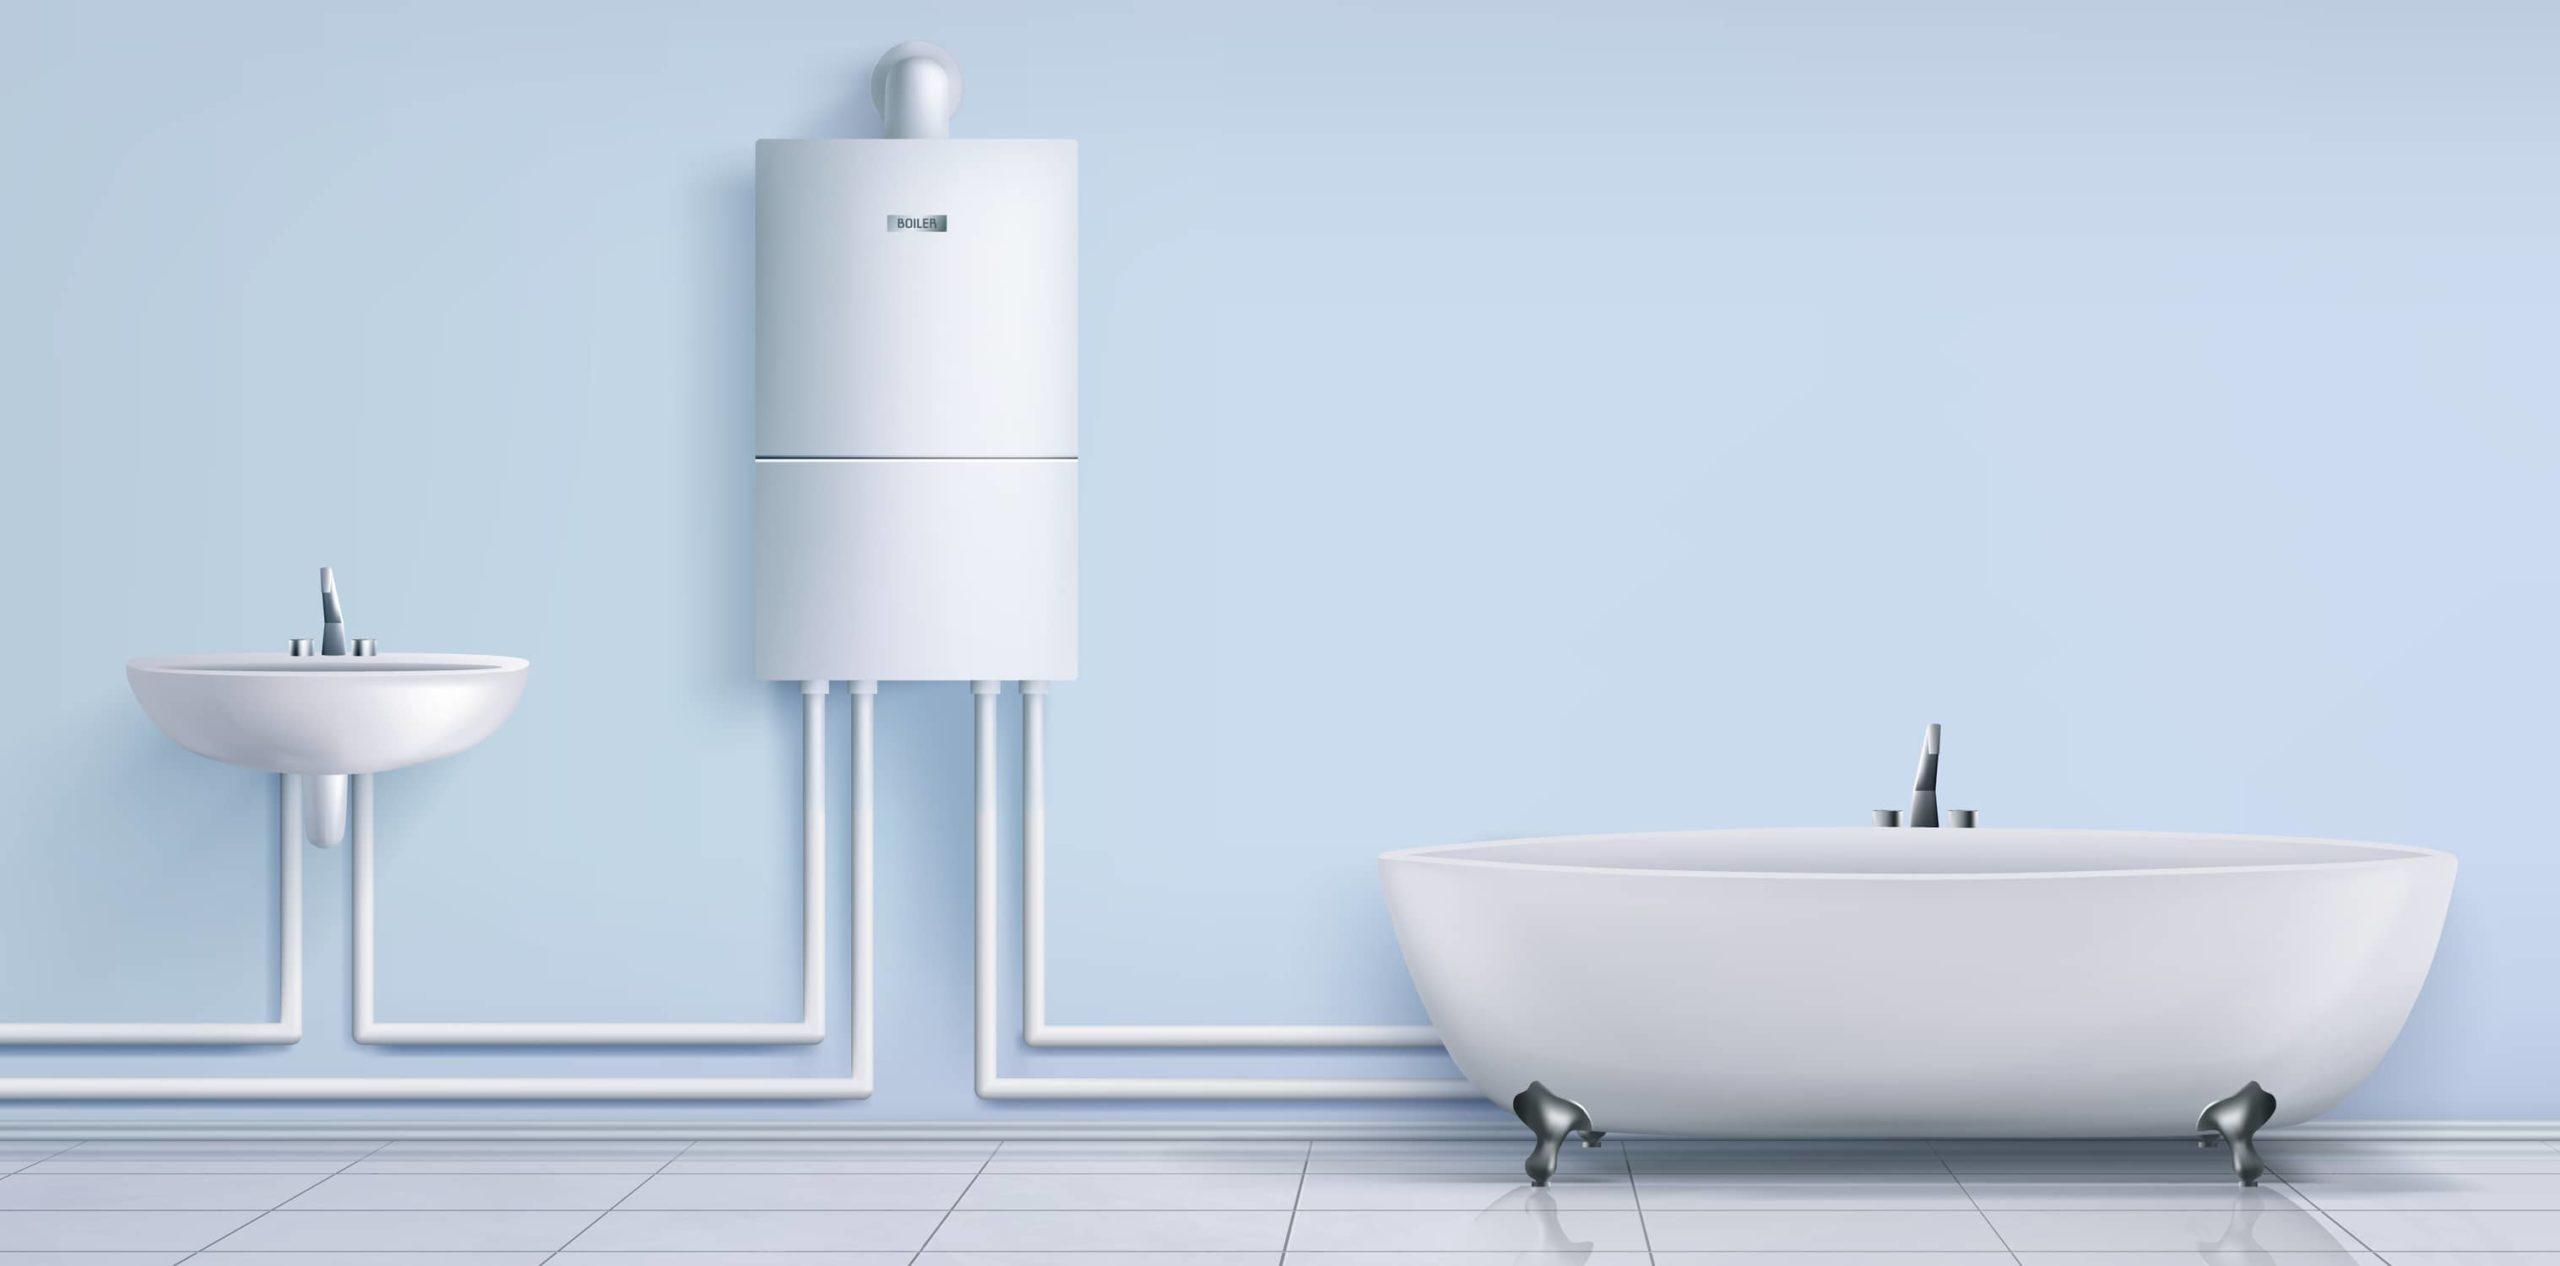 norme-electrique-salle-de-bain-chauffe-eau